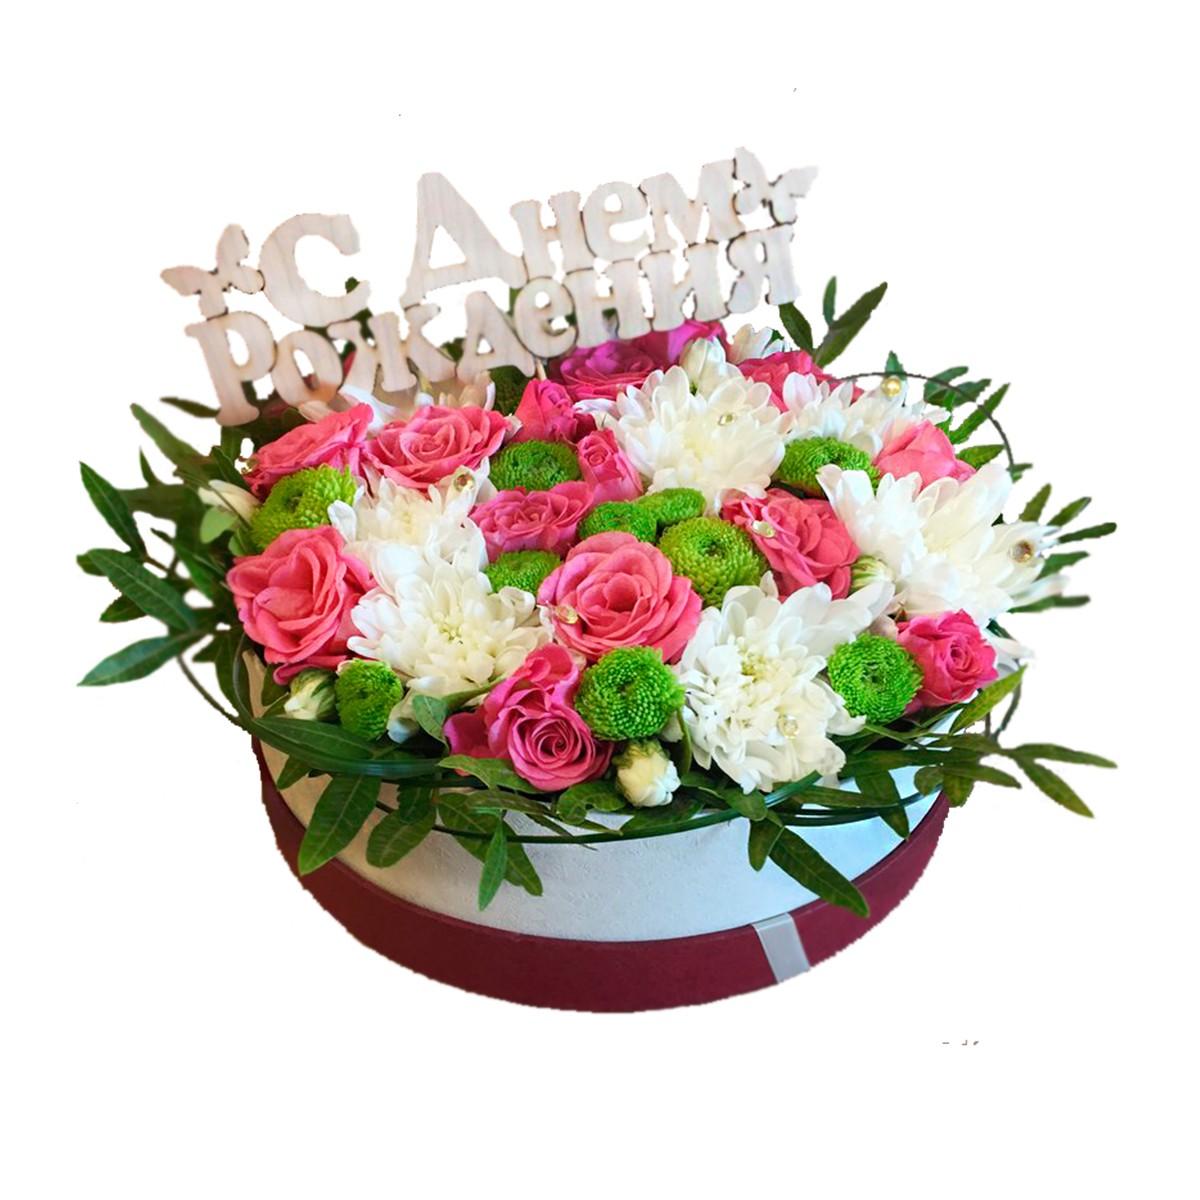 С днем рождения картинки цветы в коробках (10)